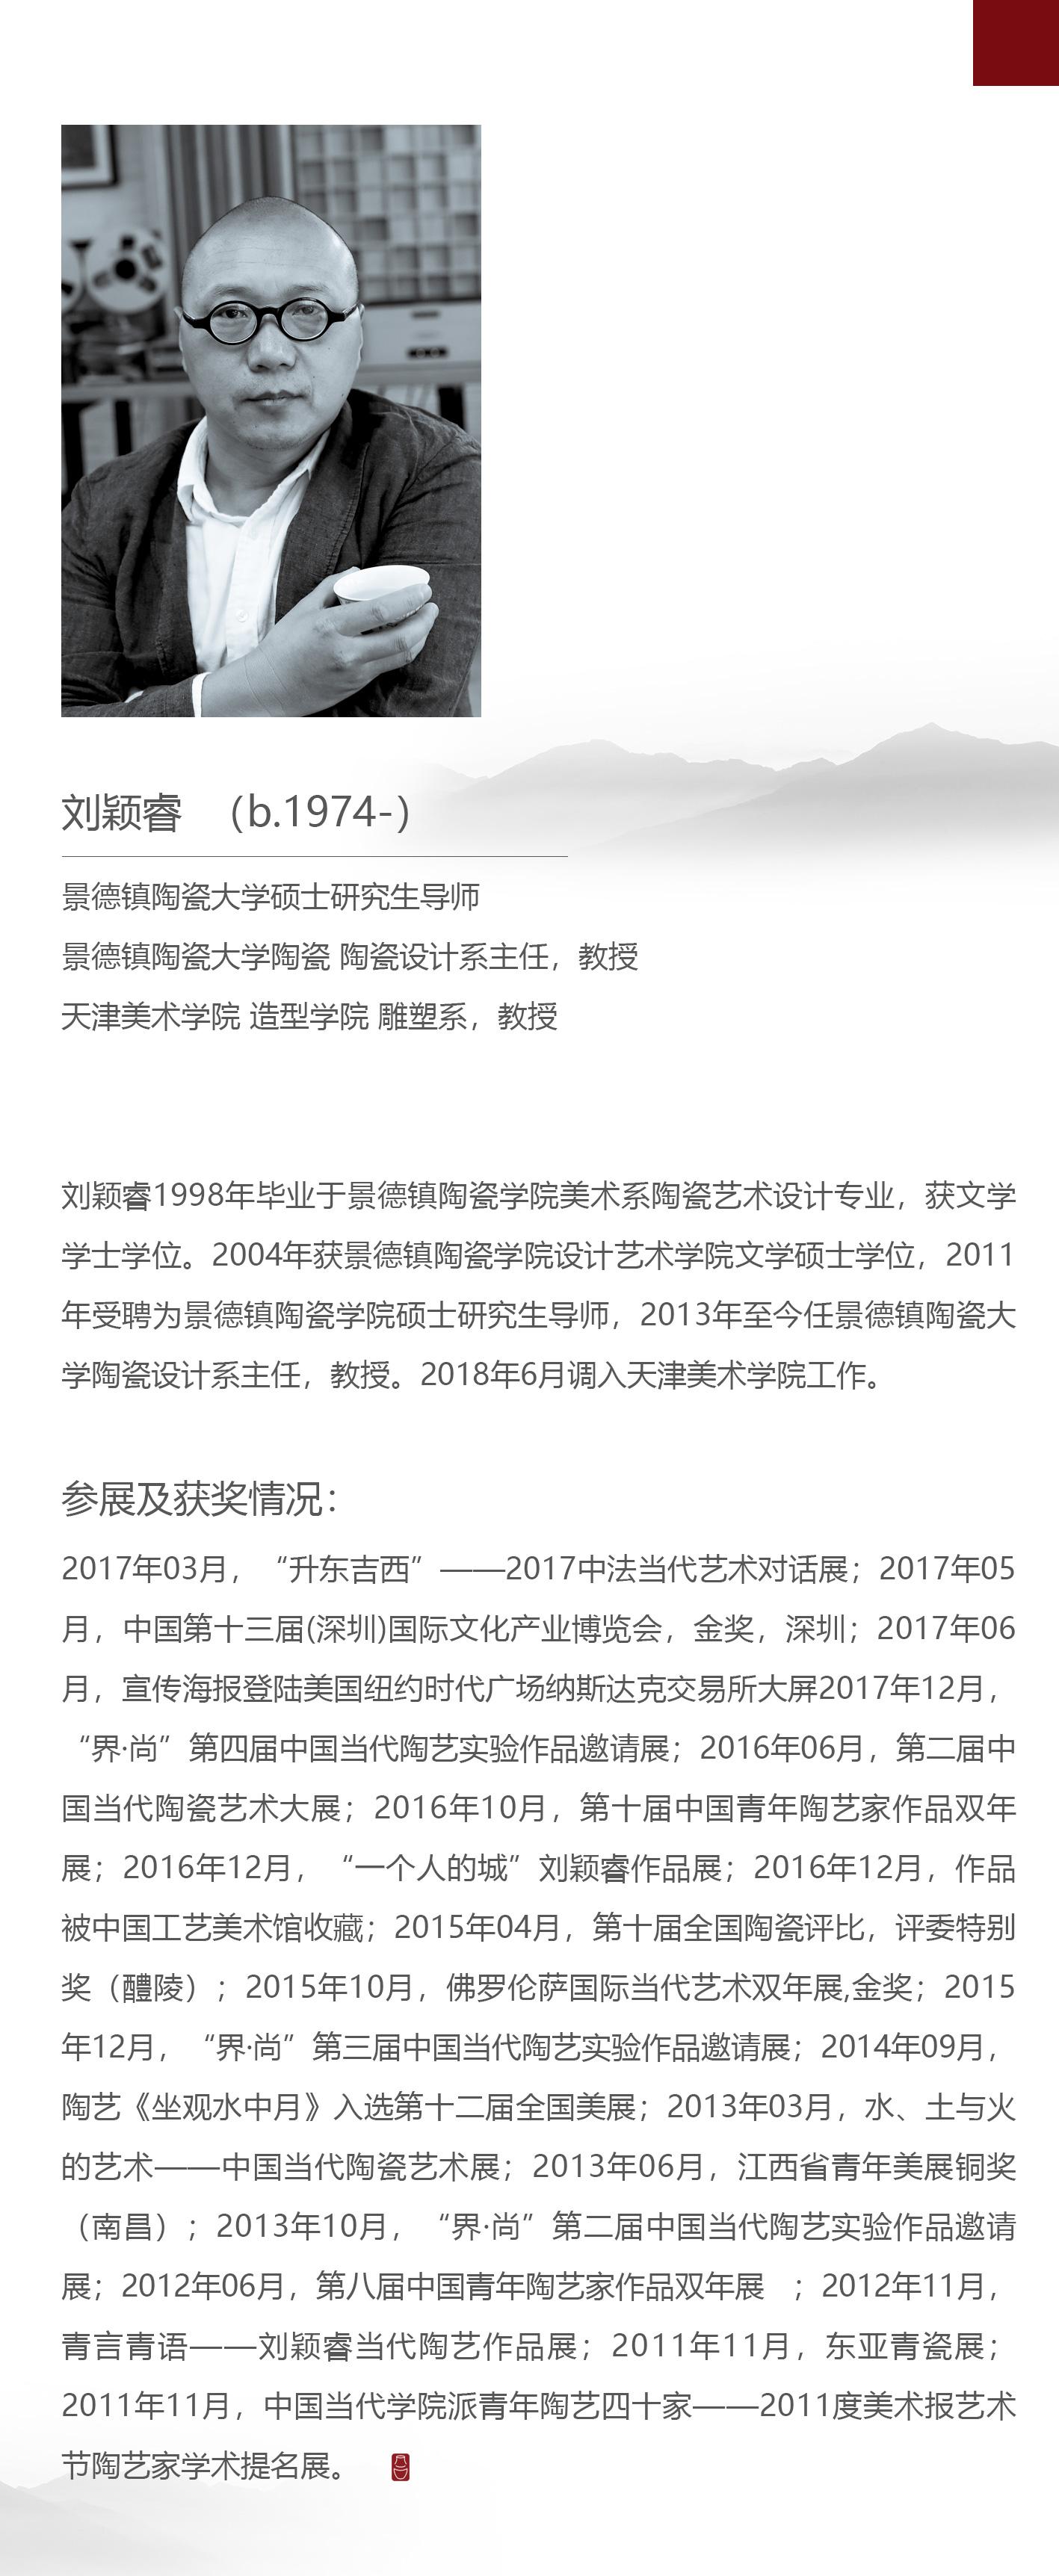 刘颖睿-新简介.jpg